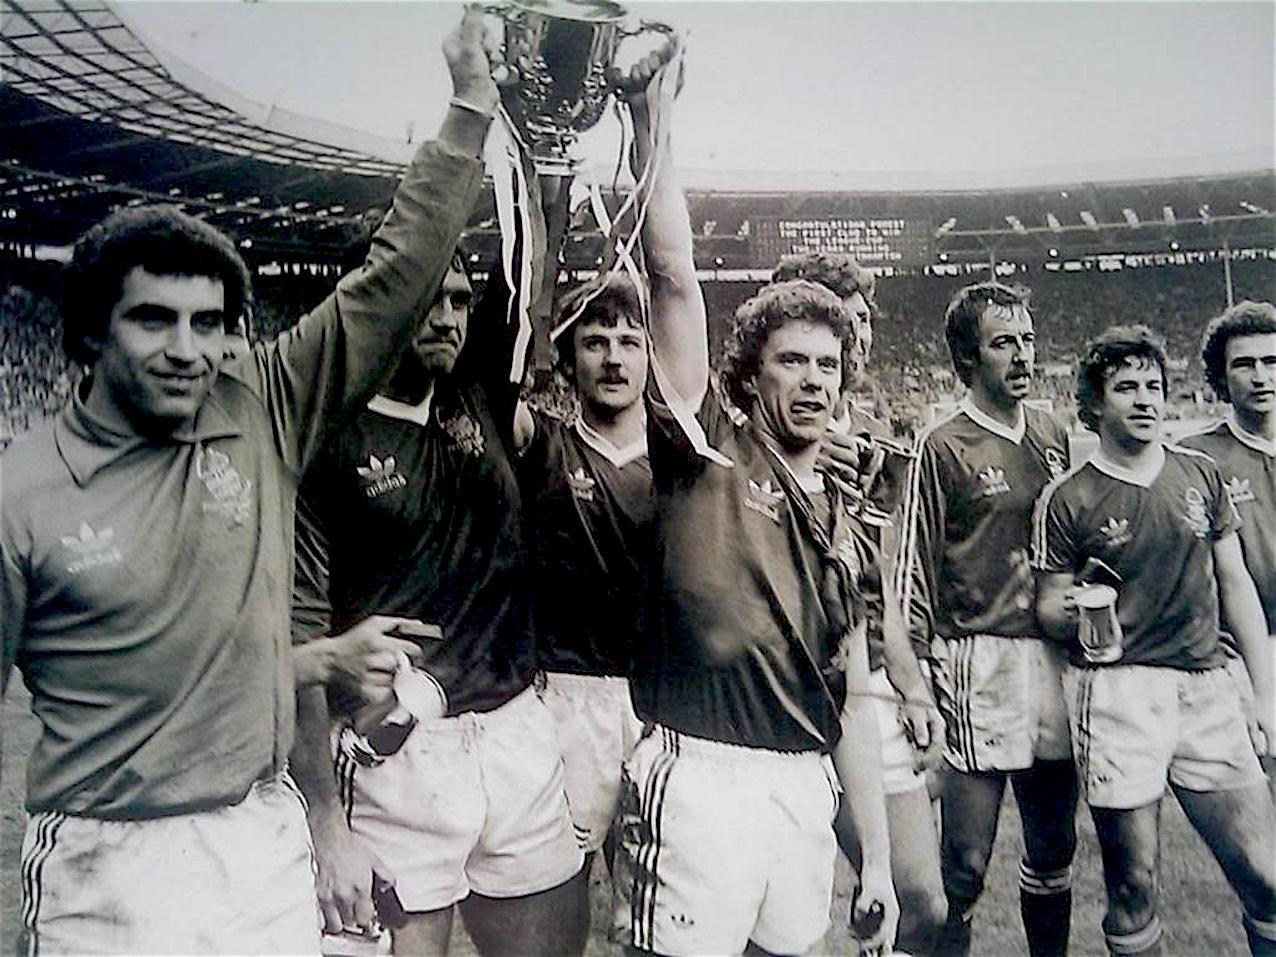 coppa dei campioni 1979 nottingham